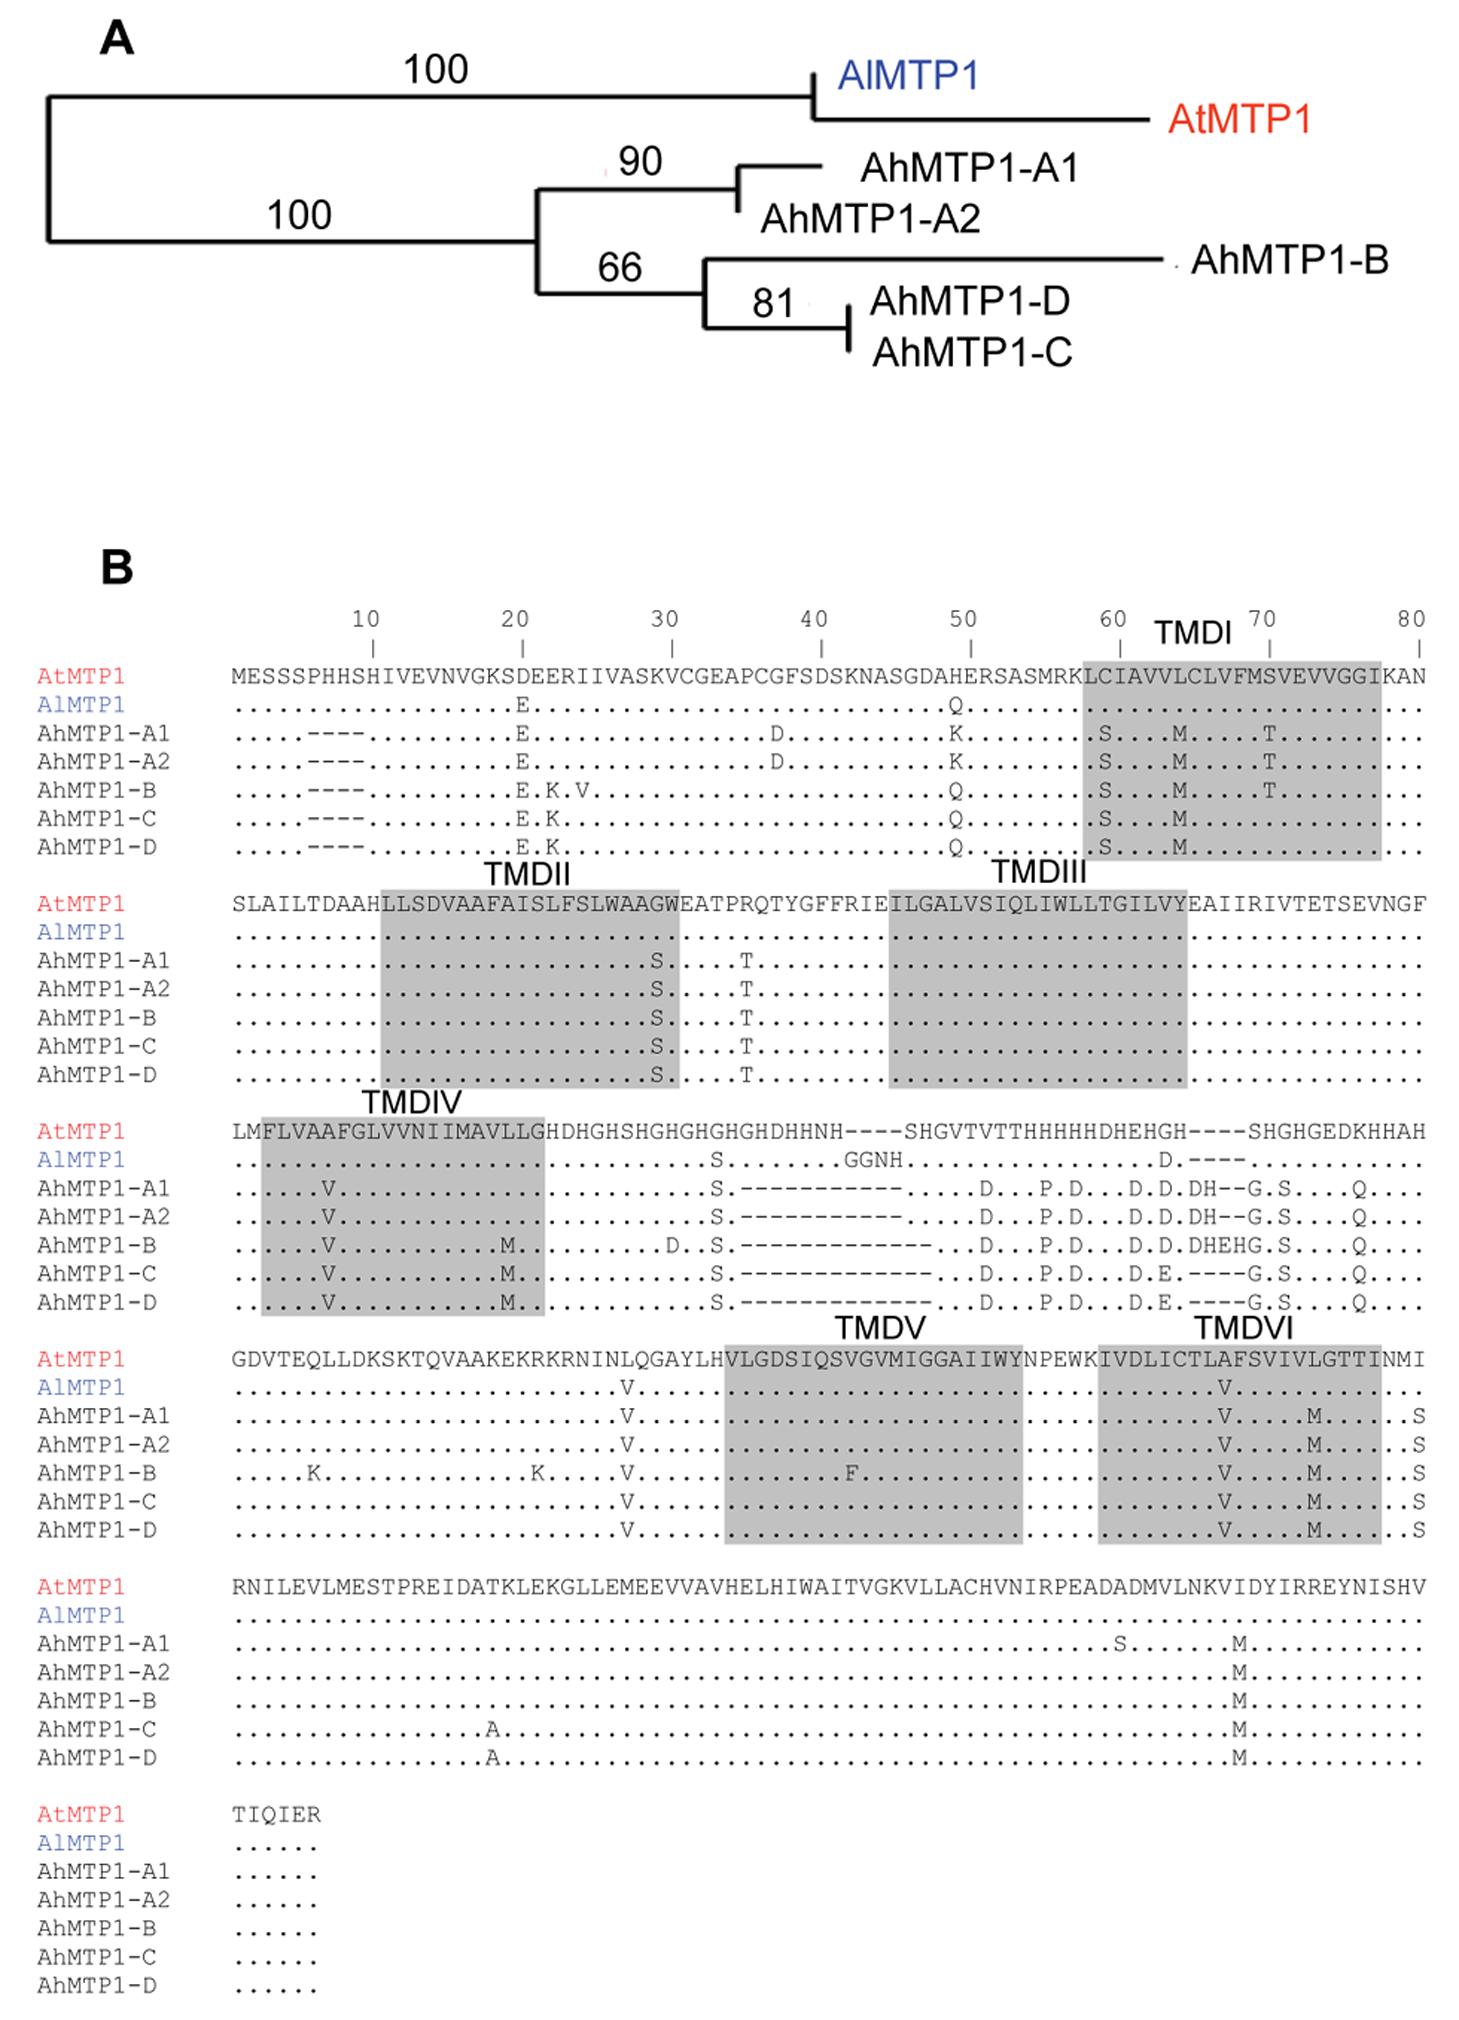 Phylogenetic analysis of <i>MTP1</i> gene sub-family from <i>A. thaliana</i>, <i>A. lyrata</i>, and <i>A. halleri</i>.